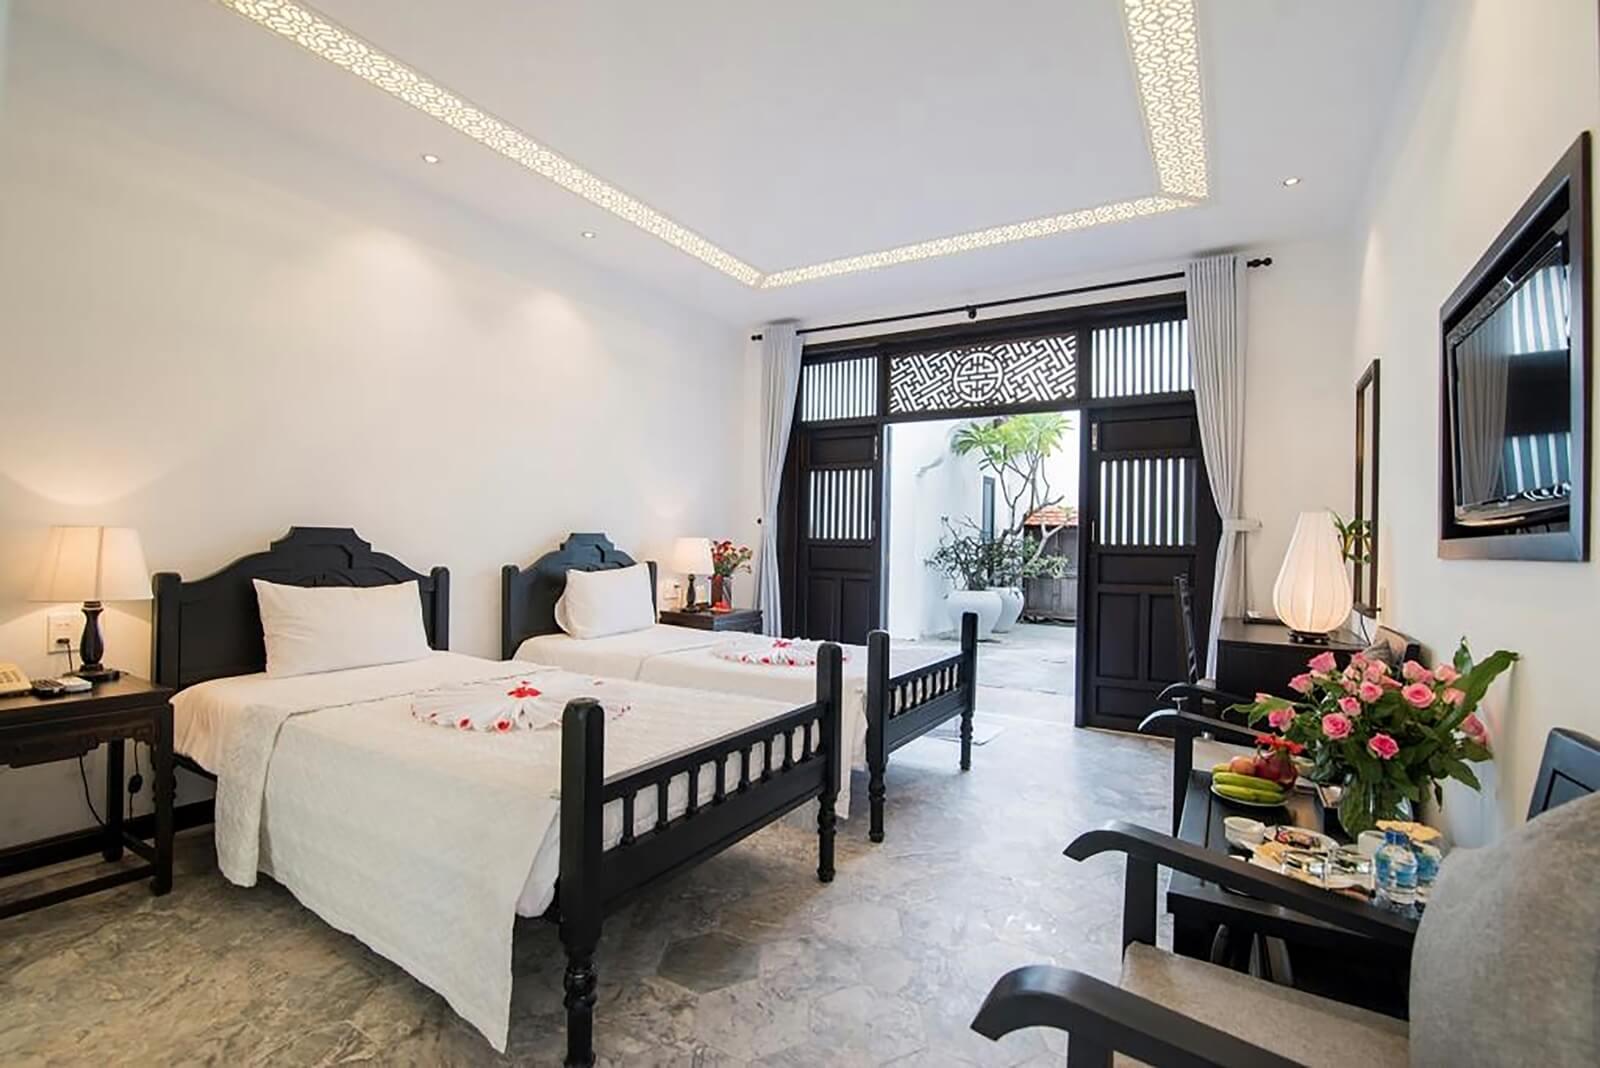 Để thắp sáng và đem lại vẻ đẹp cho phòng ngủ Hoi An Ancient House Resort & Spa, Đèn Xinh đã sử dụng những chiếc đèn bàn nhỏ nhắn với thiết kế độc đáo